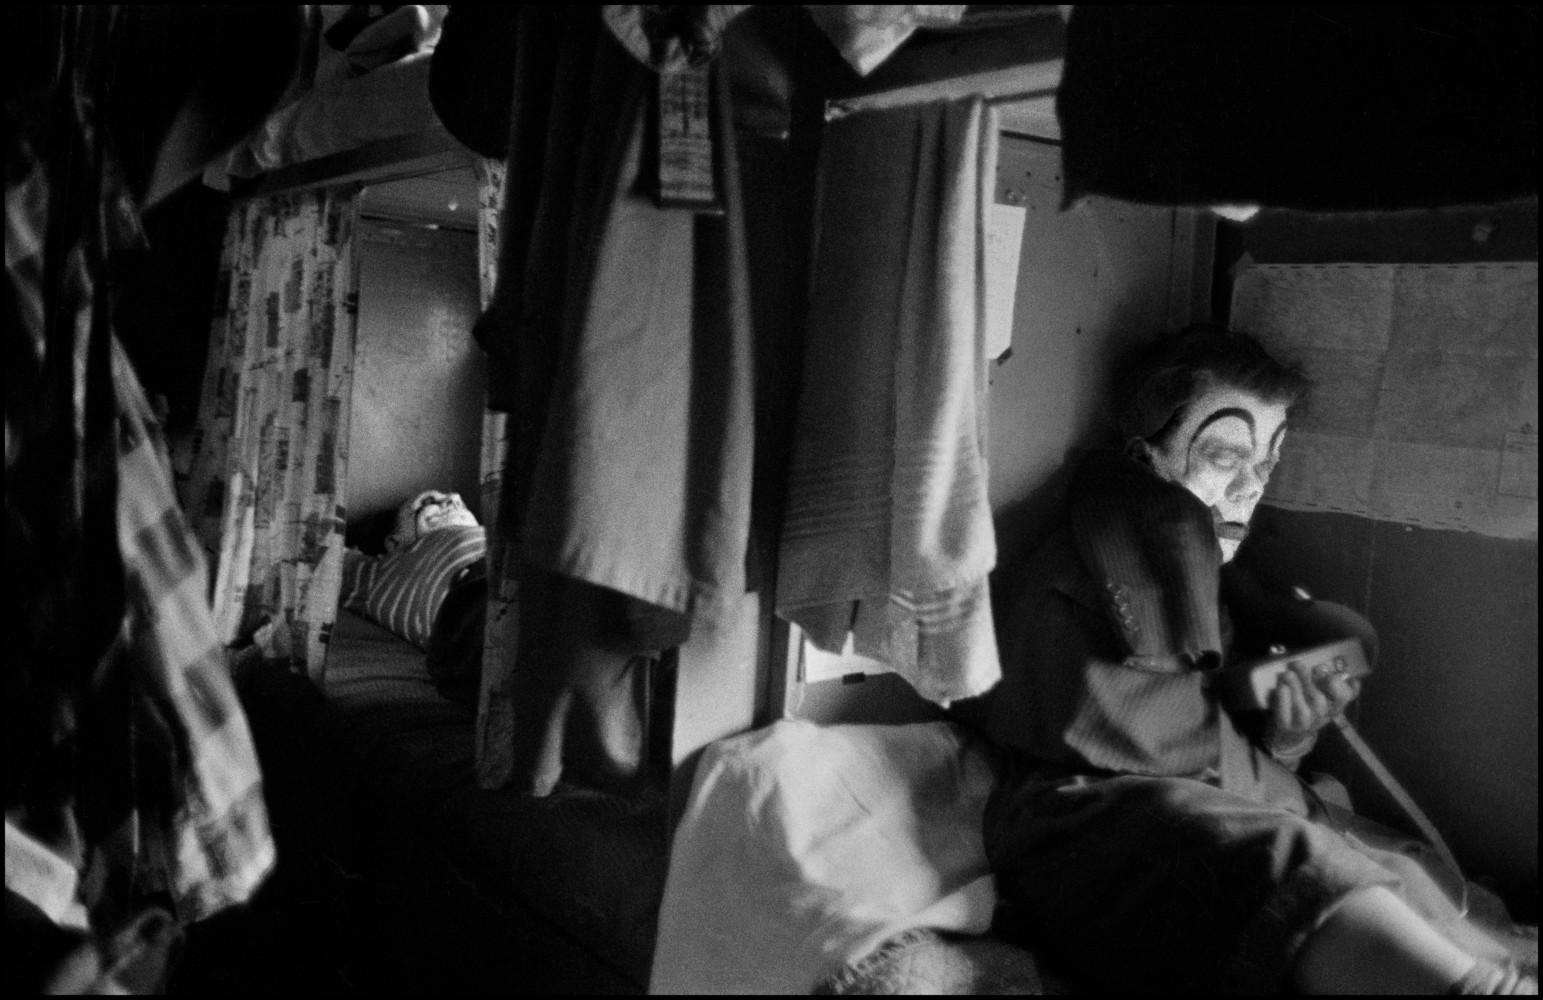 Bruce Davidson • Circus • Magnum Photos